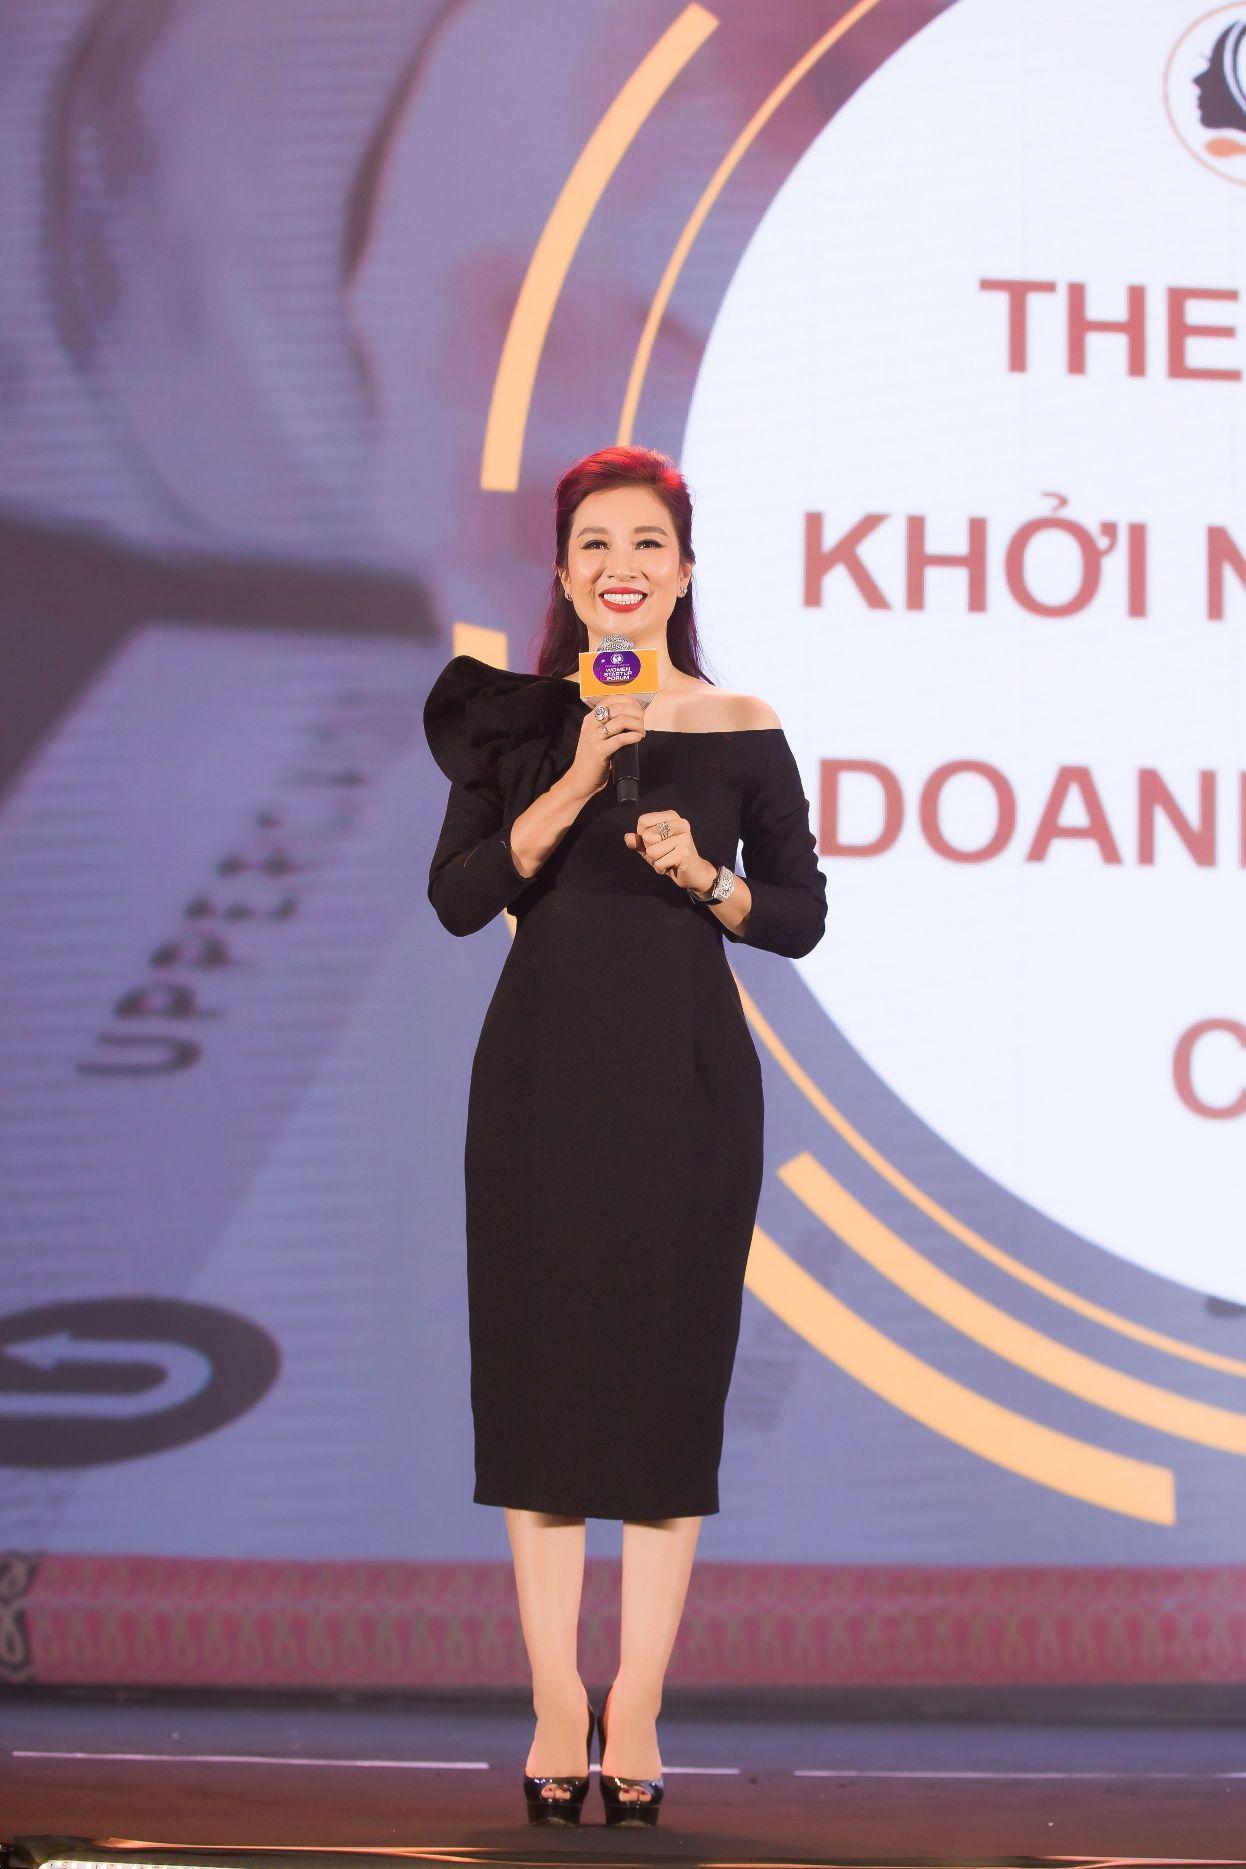 Á hậu Quý bà Thế giới Nguyễn Thu Hương Nhà sáng lập mạng lưới WSUN chia sẻ trong Diễn đàn Diễn Đàn Phụ Nữ Khởi Nghiệp Trên Nền Tảng Số: Mở ra nhiều cơ hội cho phụ nữ Việt